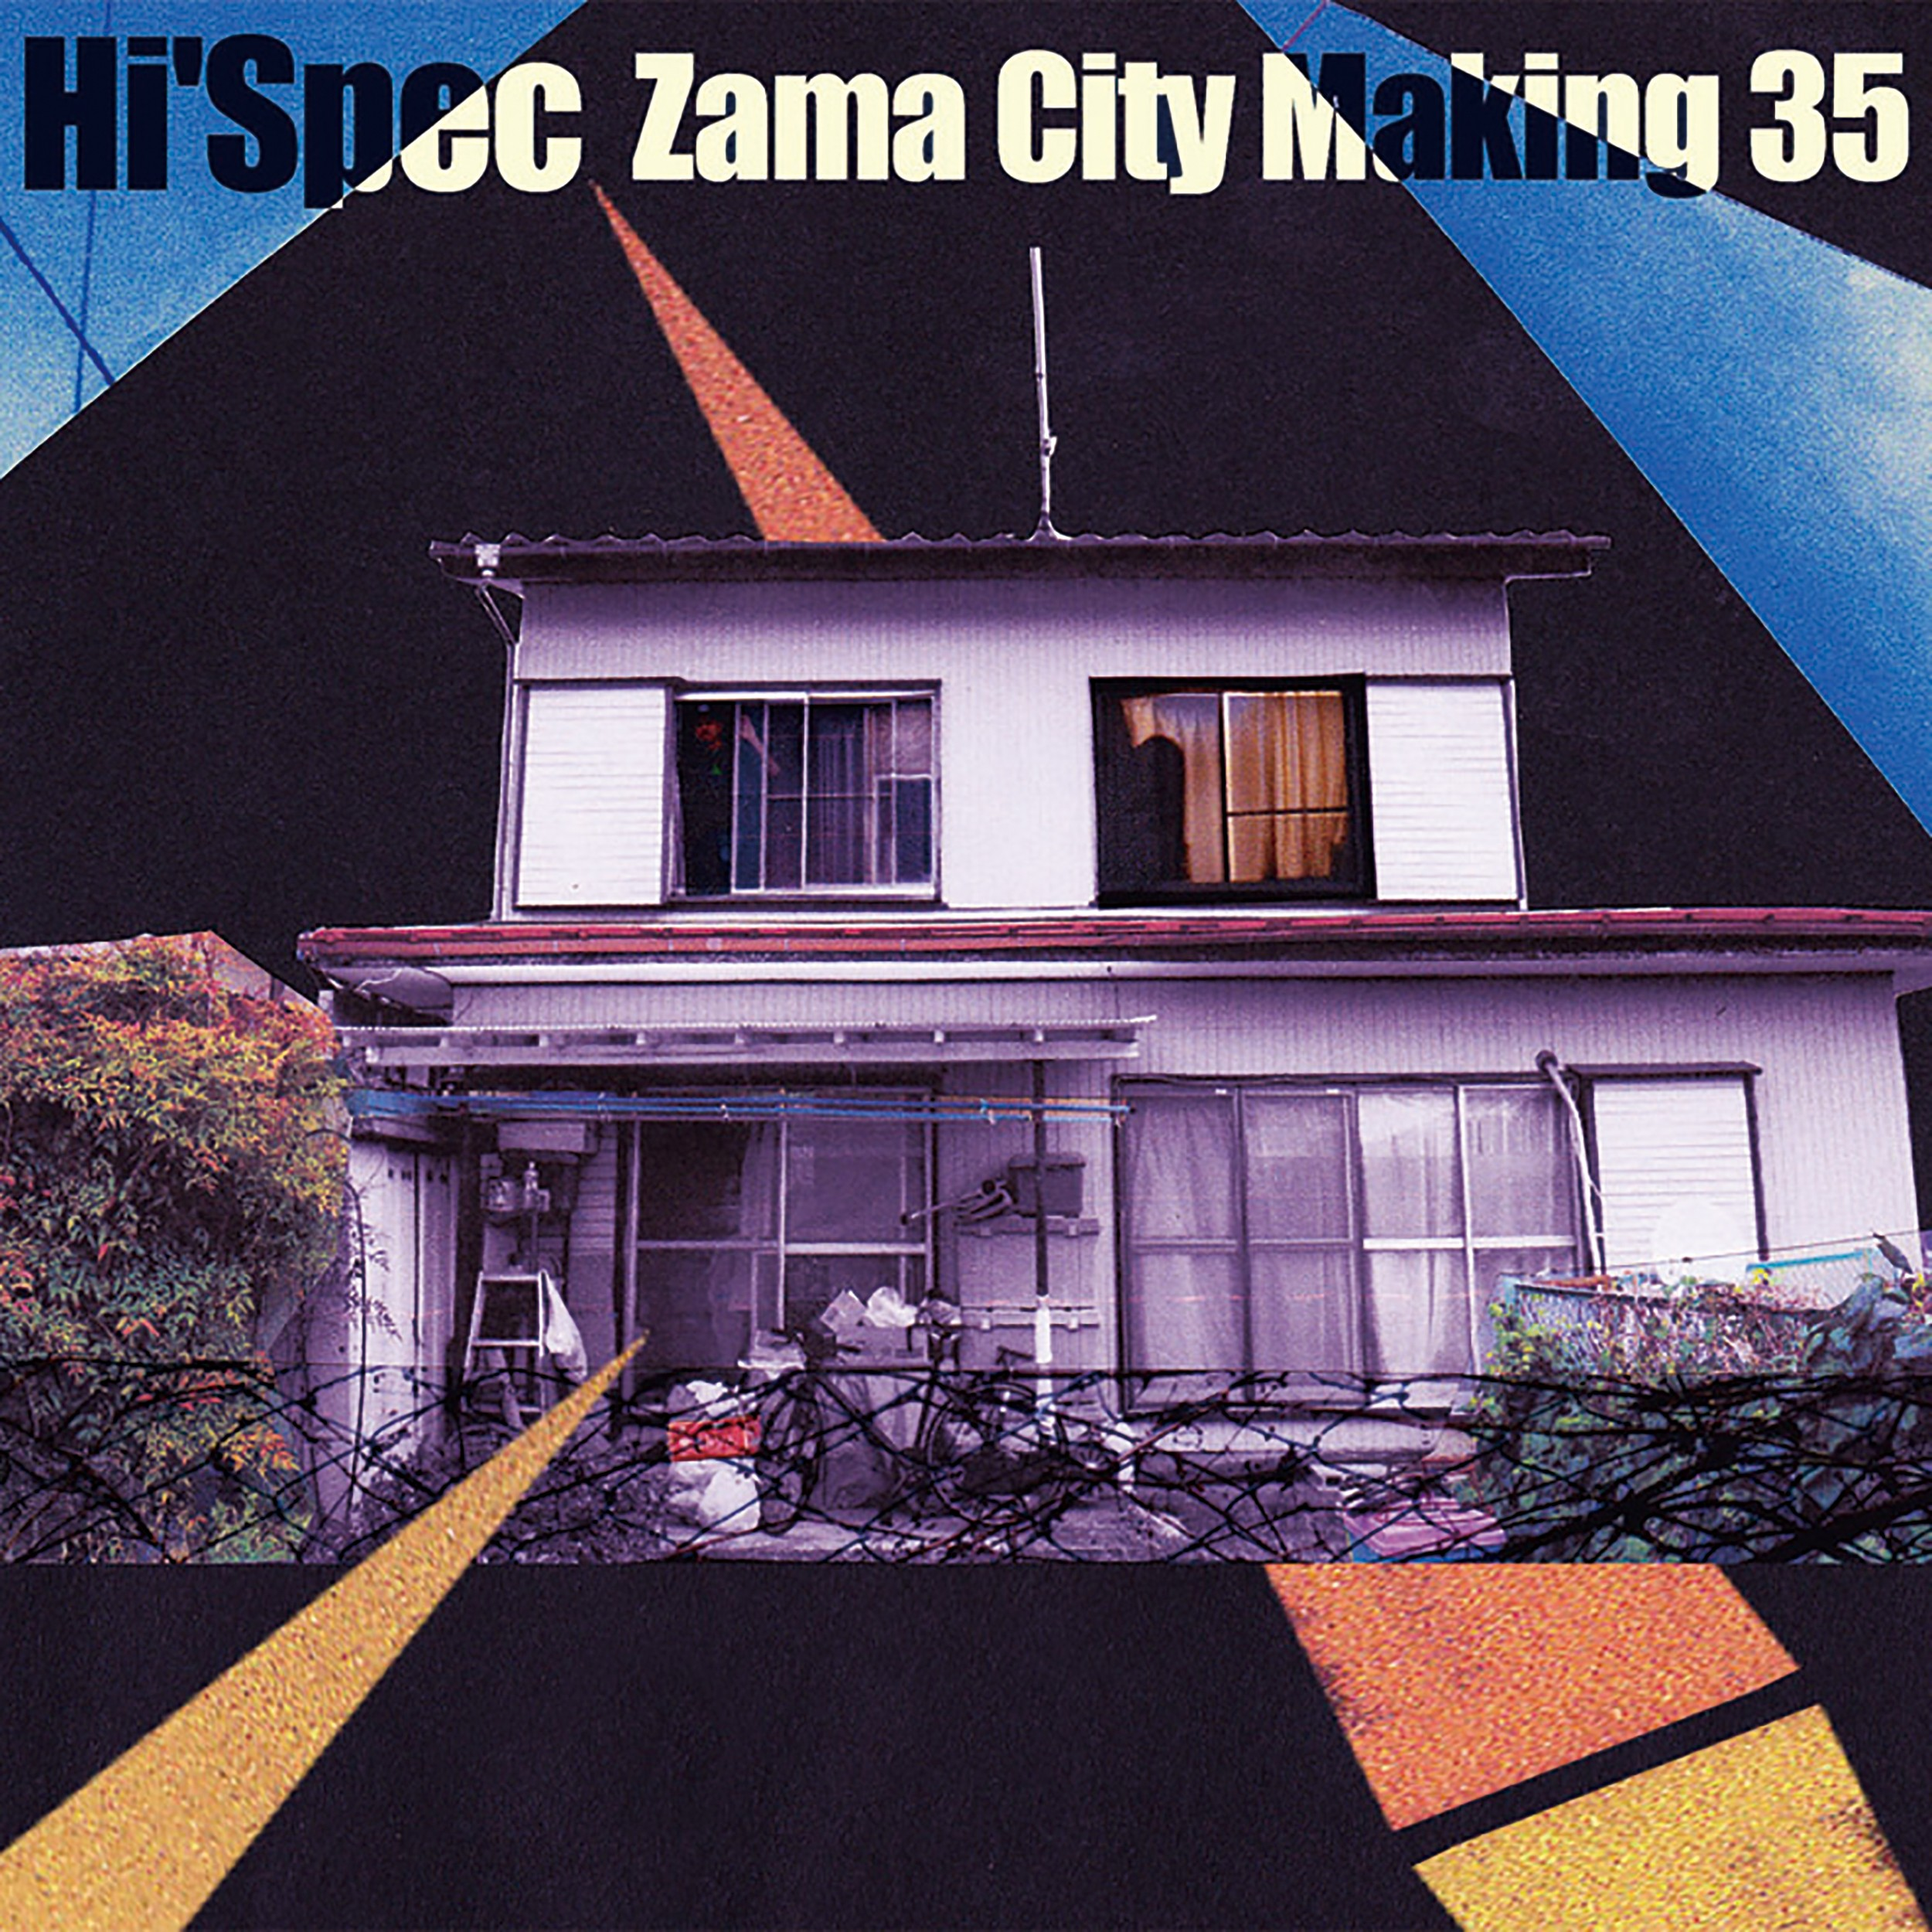 Image of Zama City Making 35 / Hi'Spec